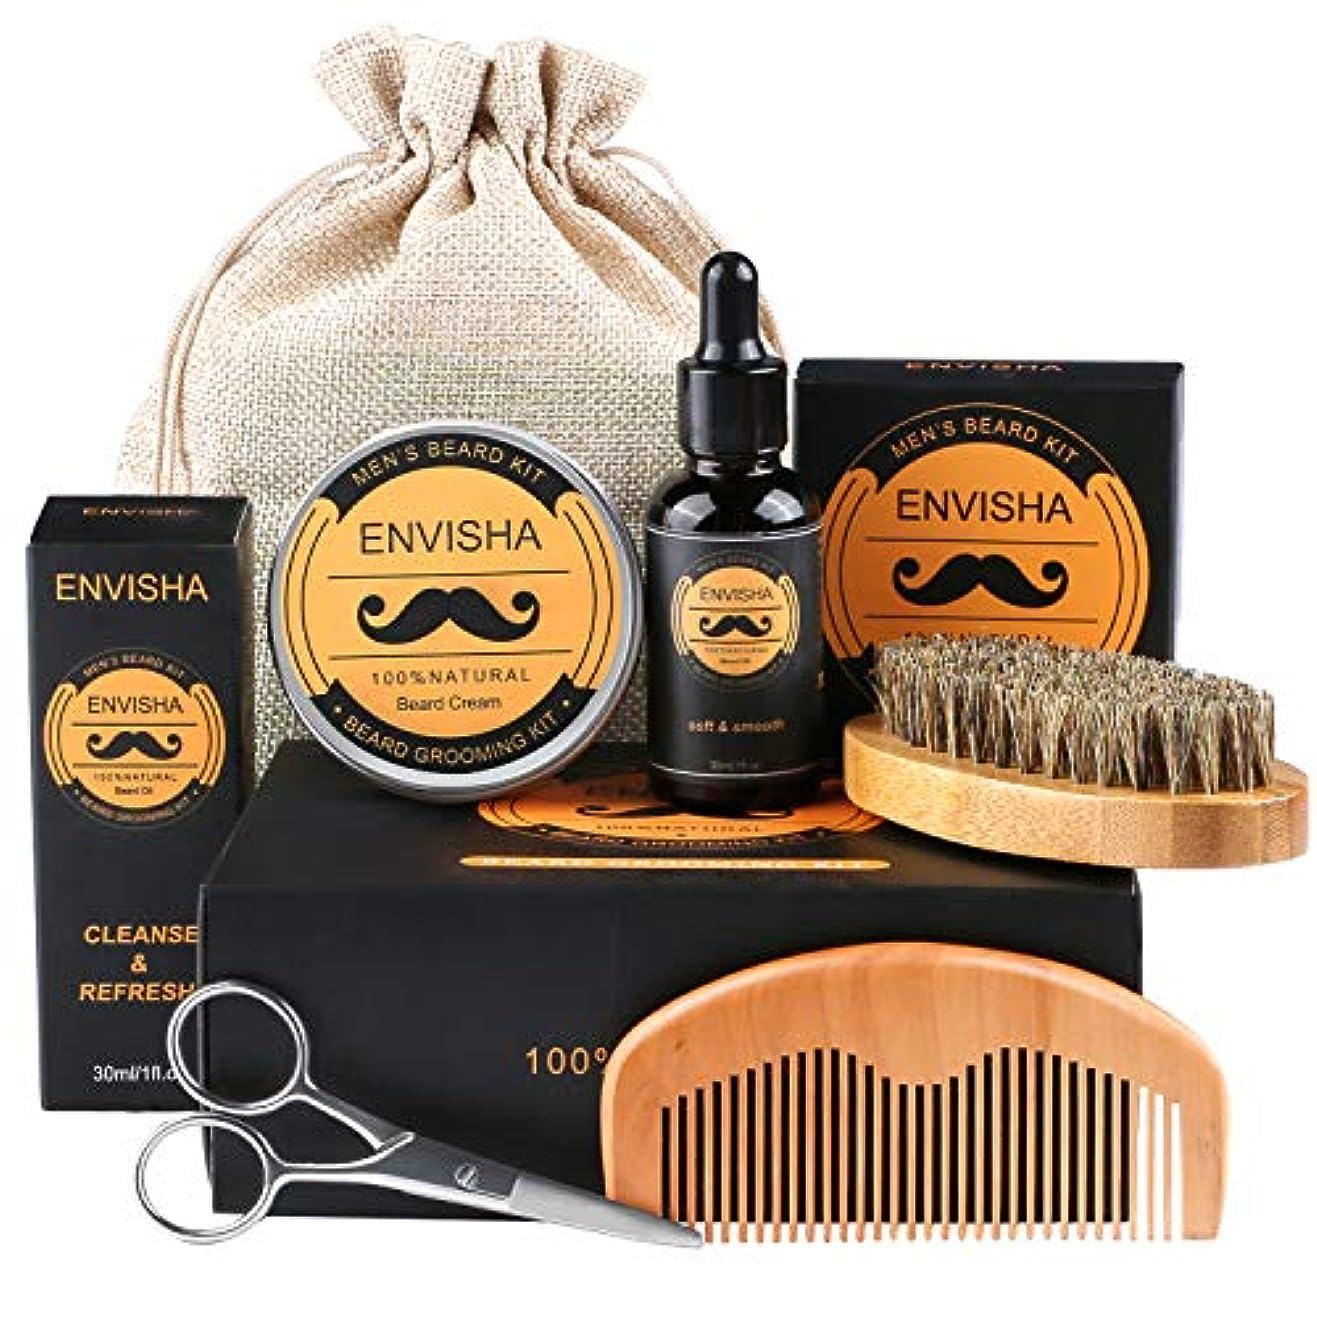 防腐剤シャーロットブロンテ隠すBeard Kit、Fixget Beard Care Kit(無料のひげの手入れとトリミングキット付き)100%のイノシシのひげのブラシ、木のひげの櫛、ひげ、男性のための口ひげのはさみお父さん夫